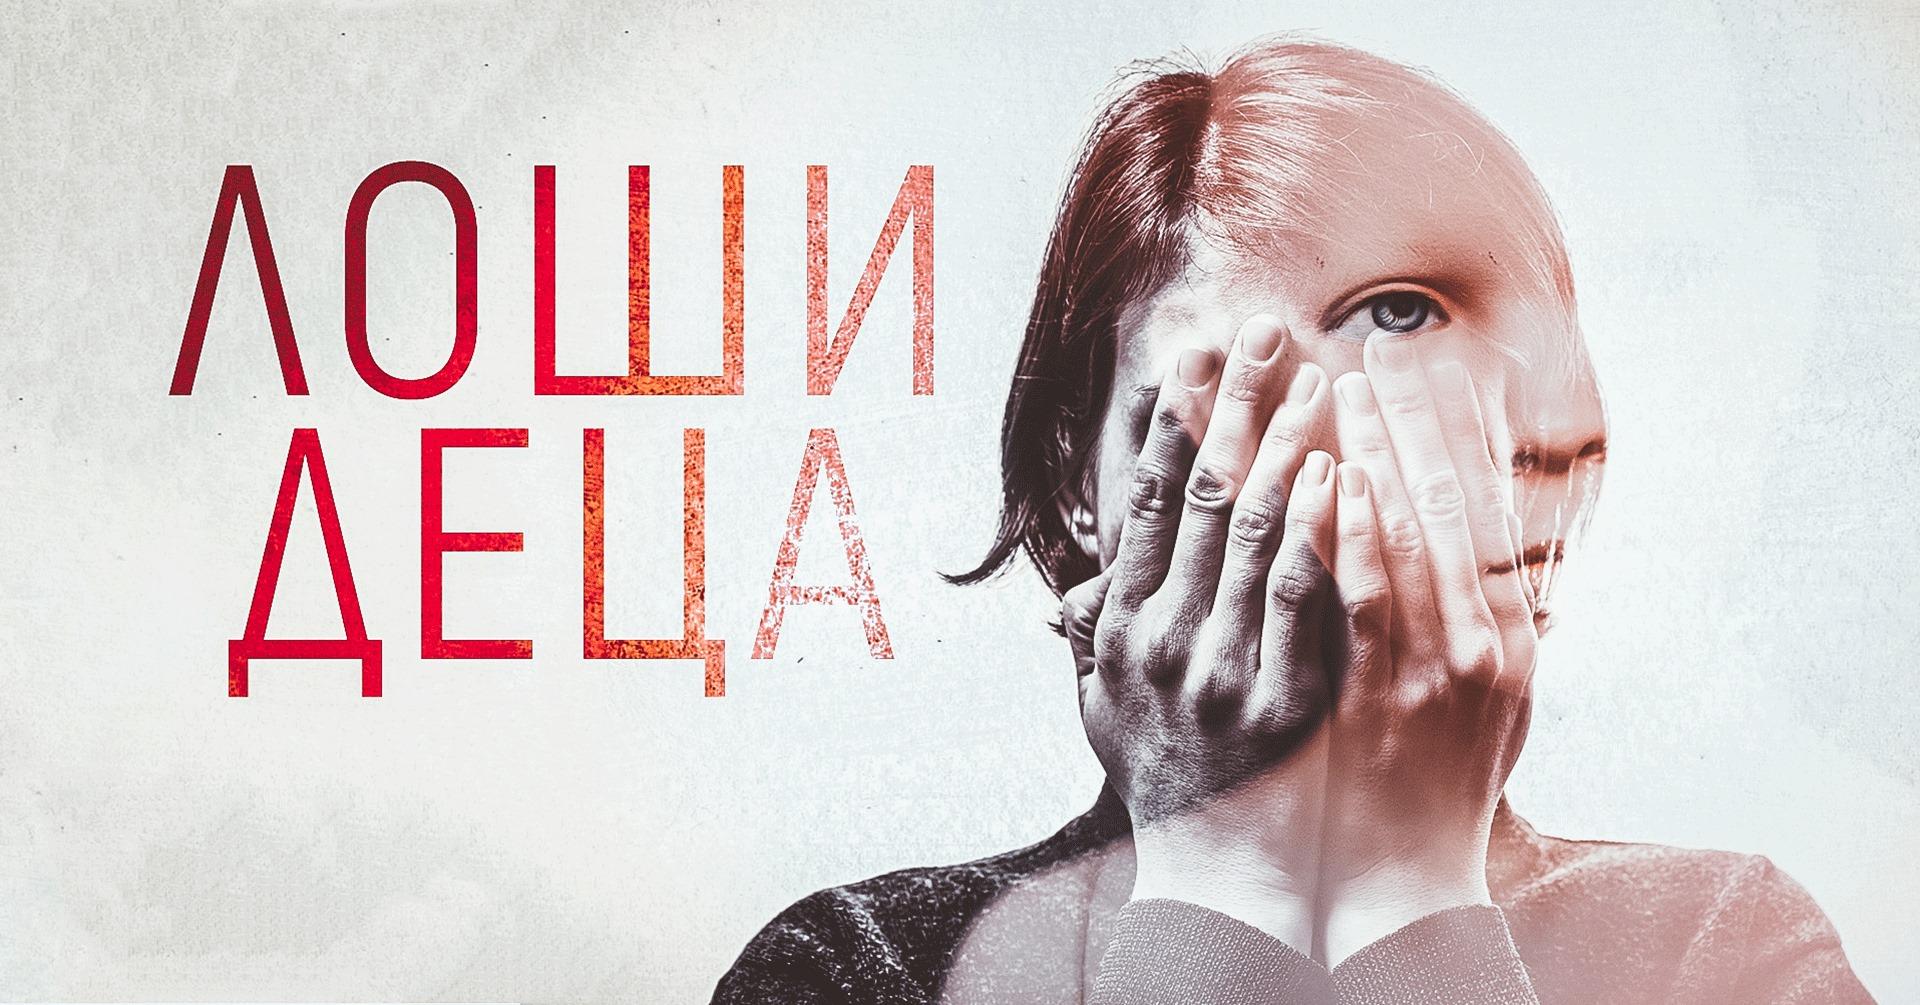 ЛОШИ ДЕЦА - спектакъл по пиесата на Михаела Михайлов, Румъния